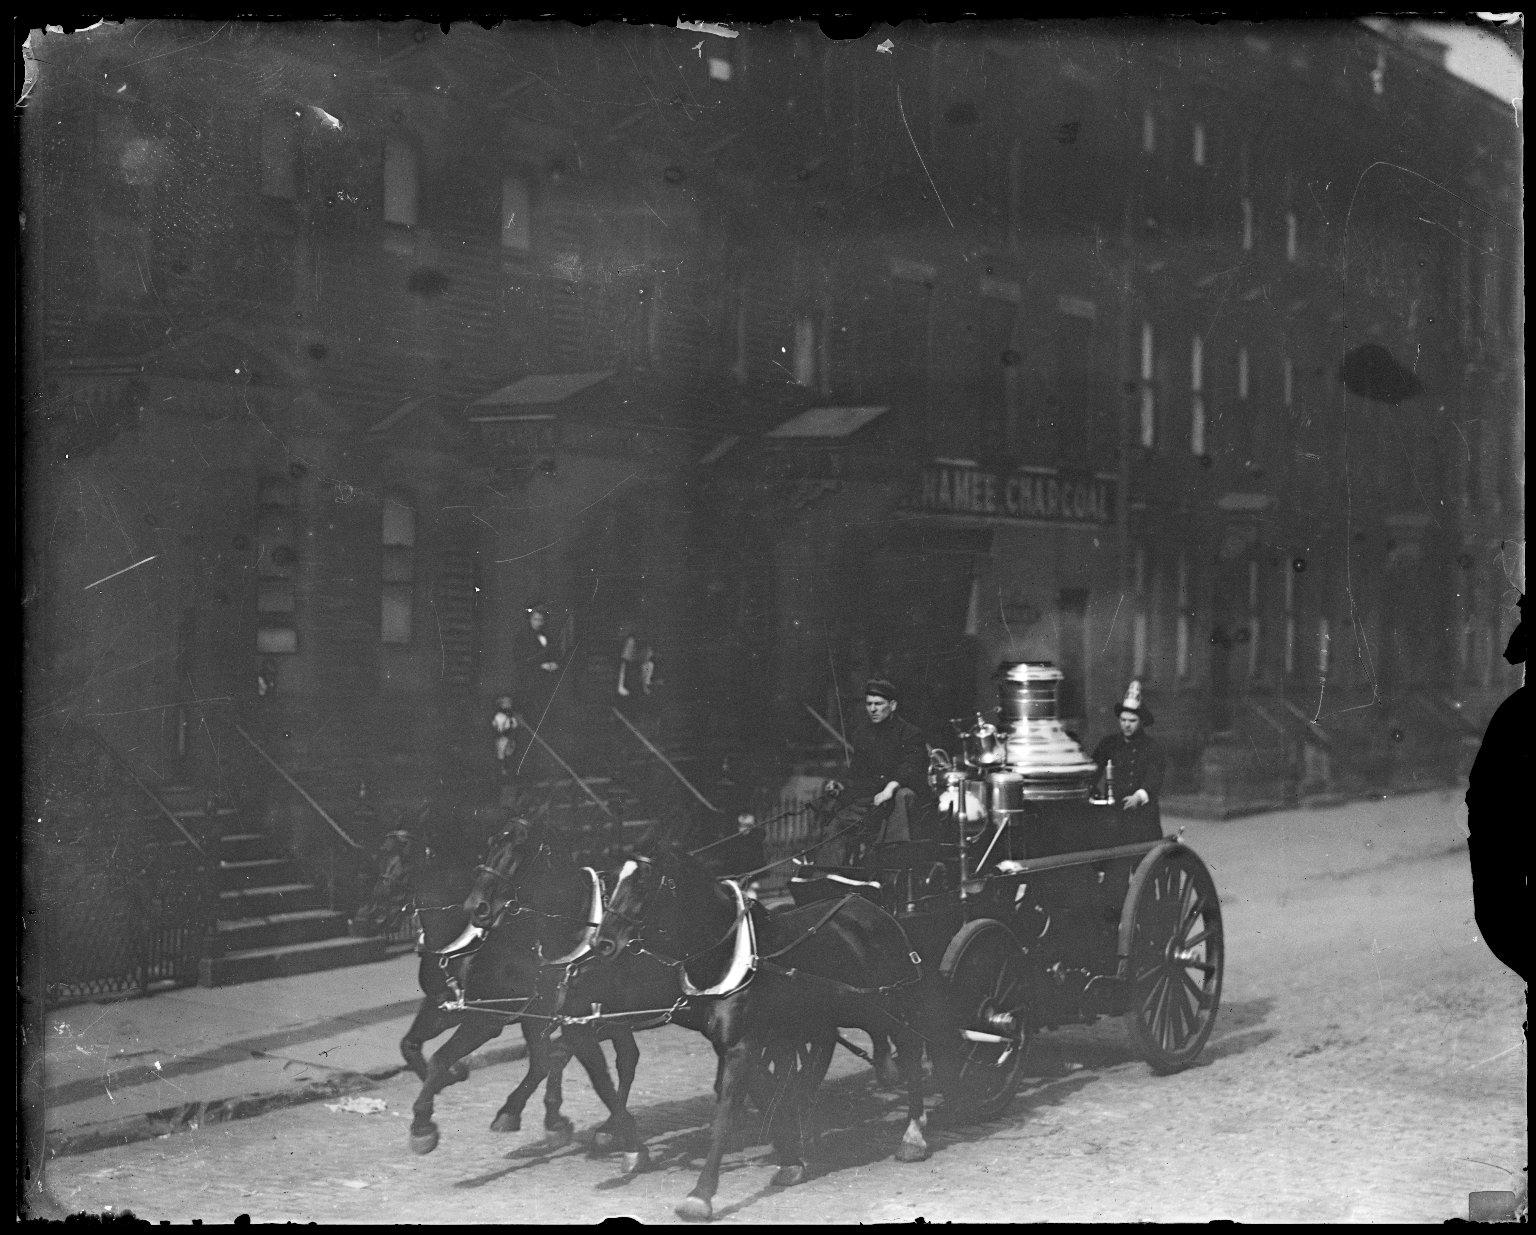 Паровой пожарный насос с конной упряжью. Нью-Йорк, США. Начало 20 века